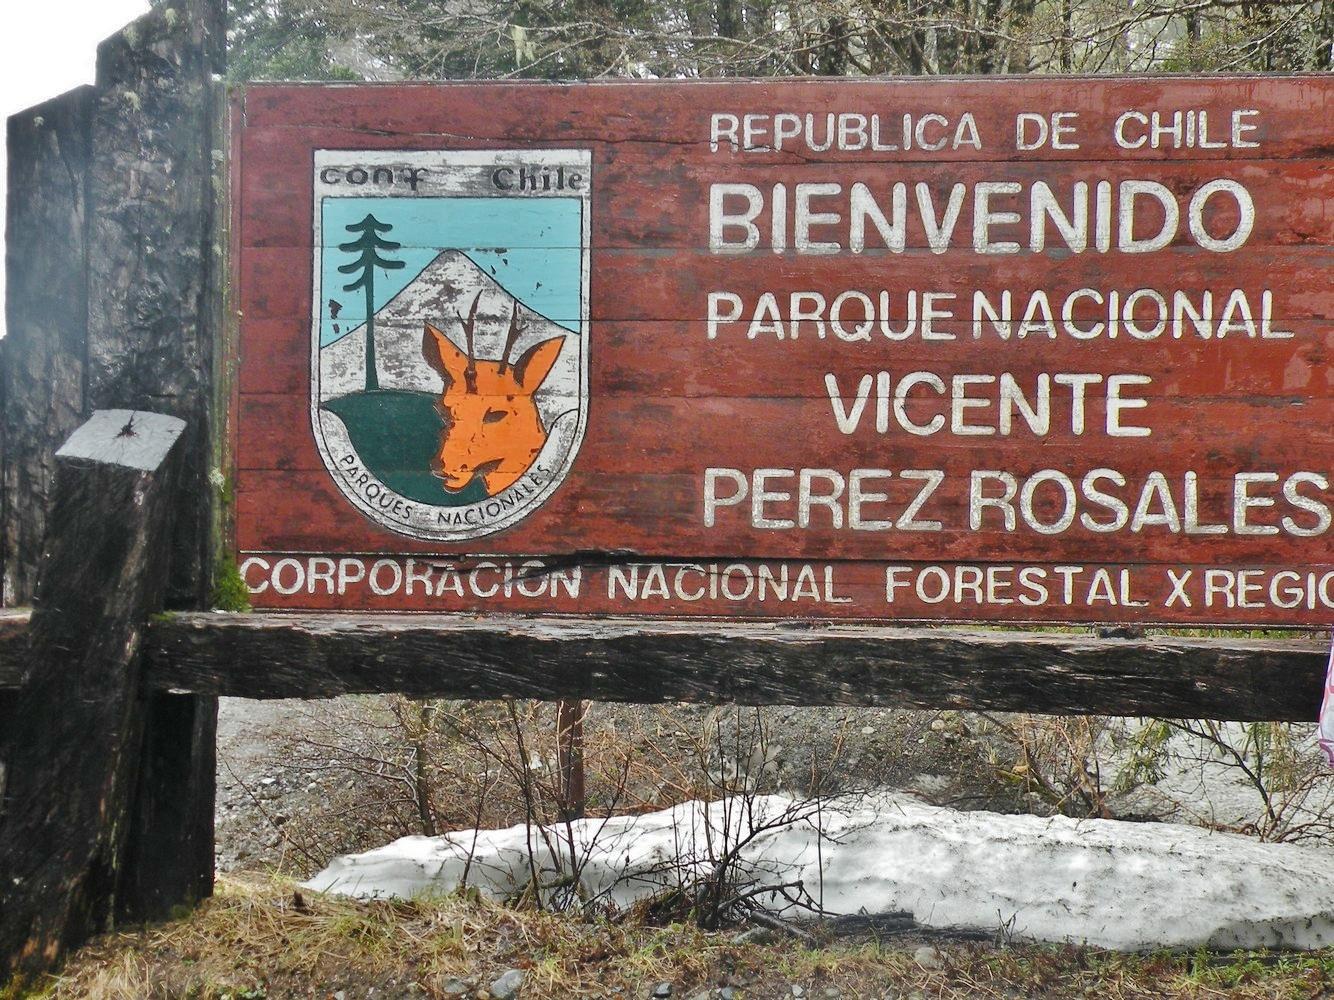 Parc Vicente Perez Rosales - Chile